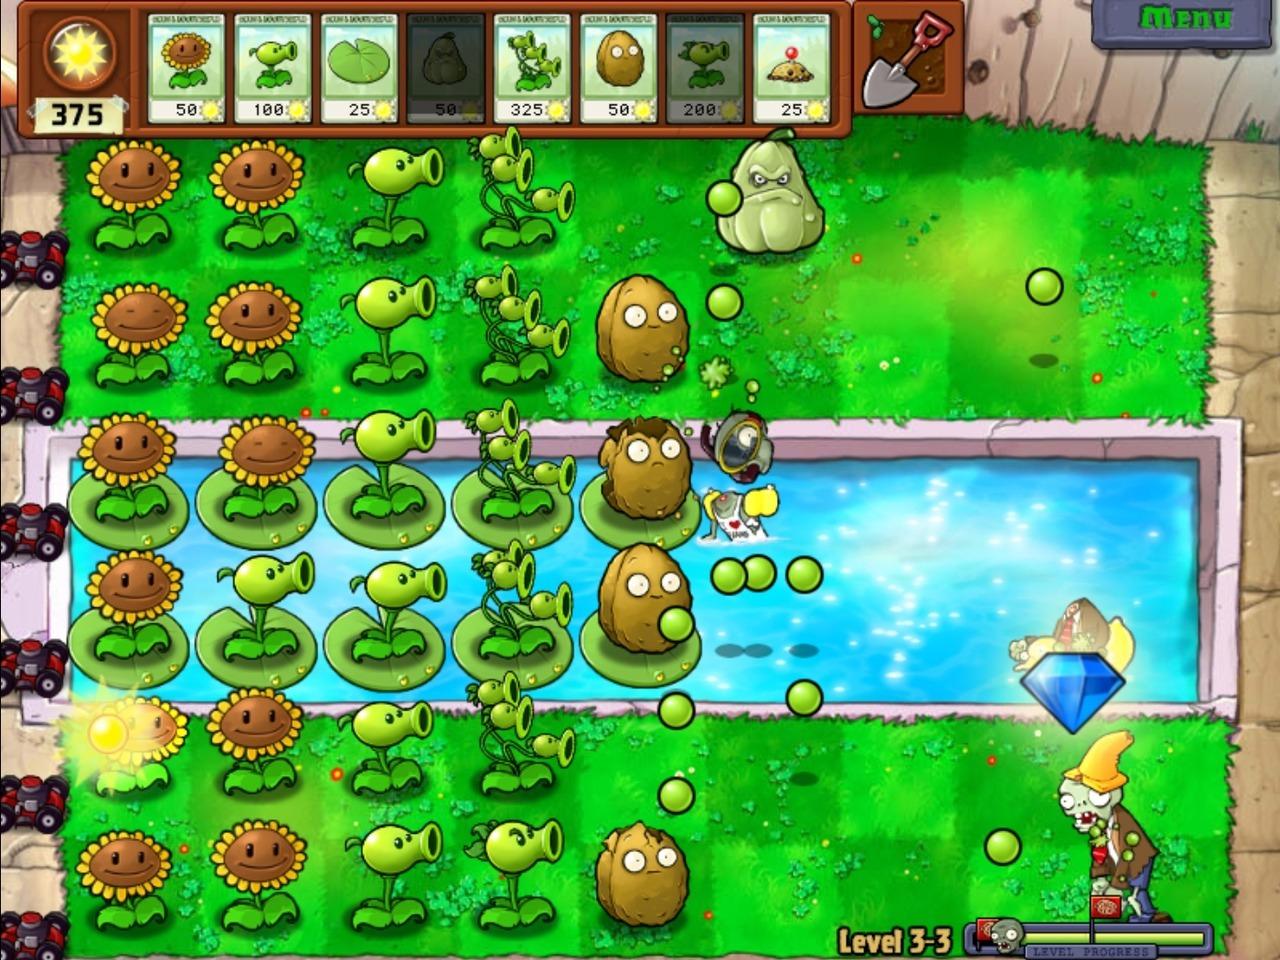 لعبة المغامرات الممتعة والمحبوبة Plants